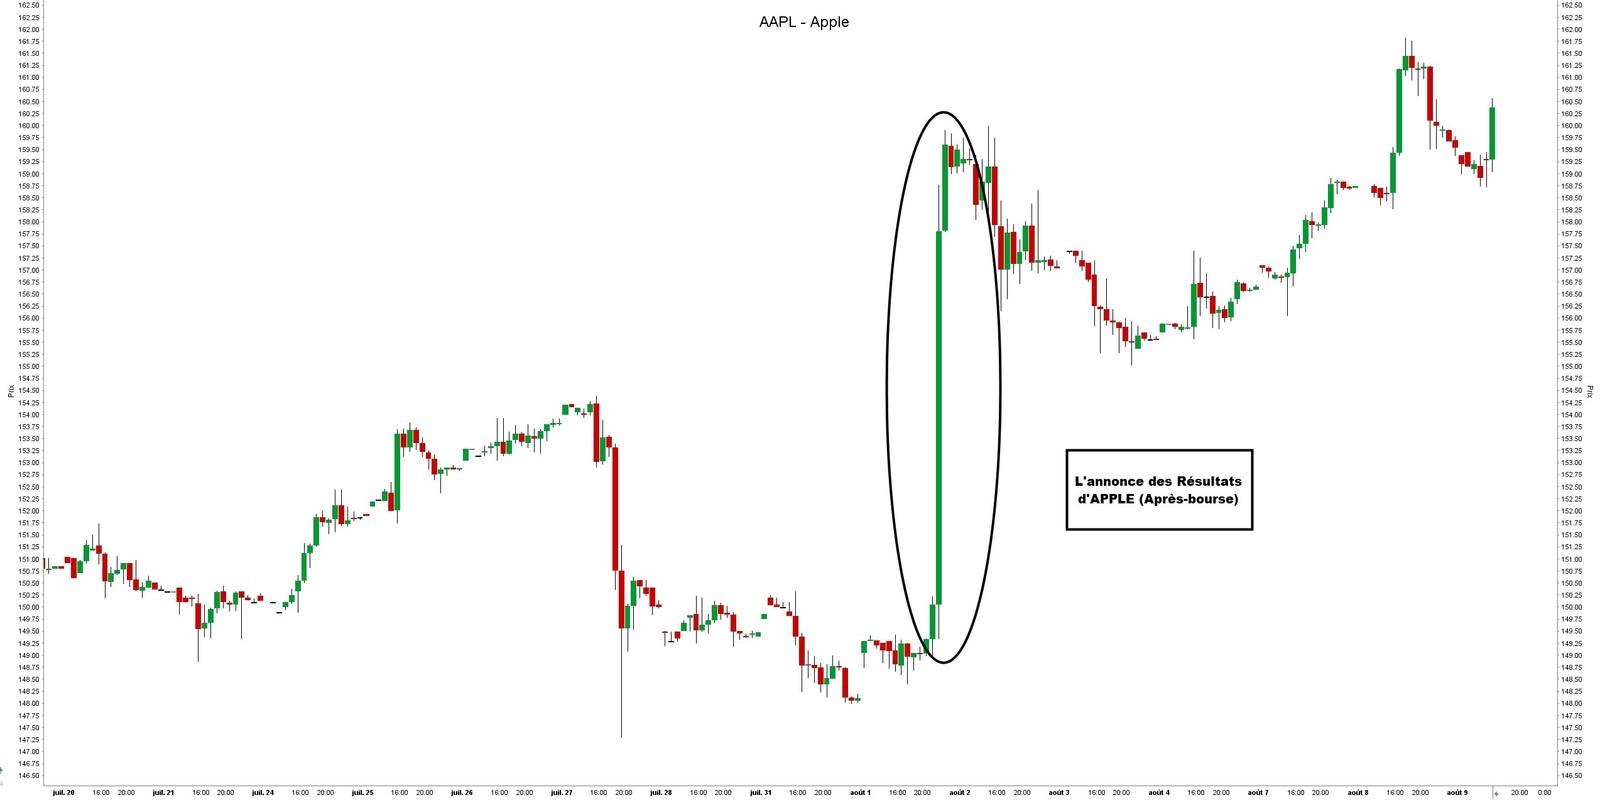 Négocier avant et après les heures d'ouverture des Bourses - Apple